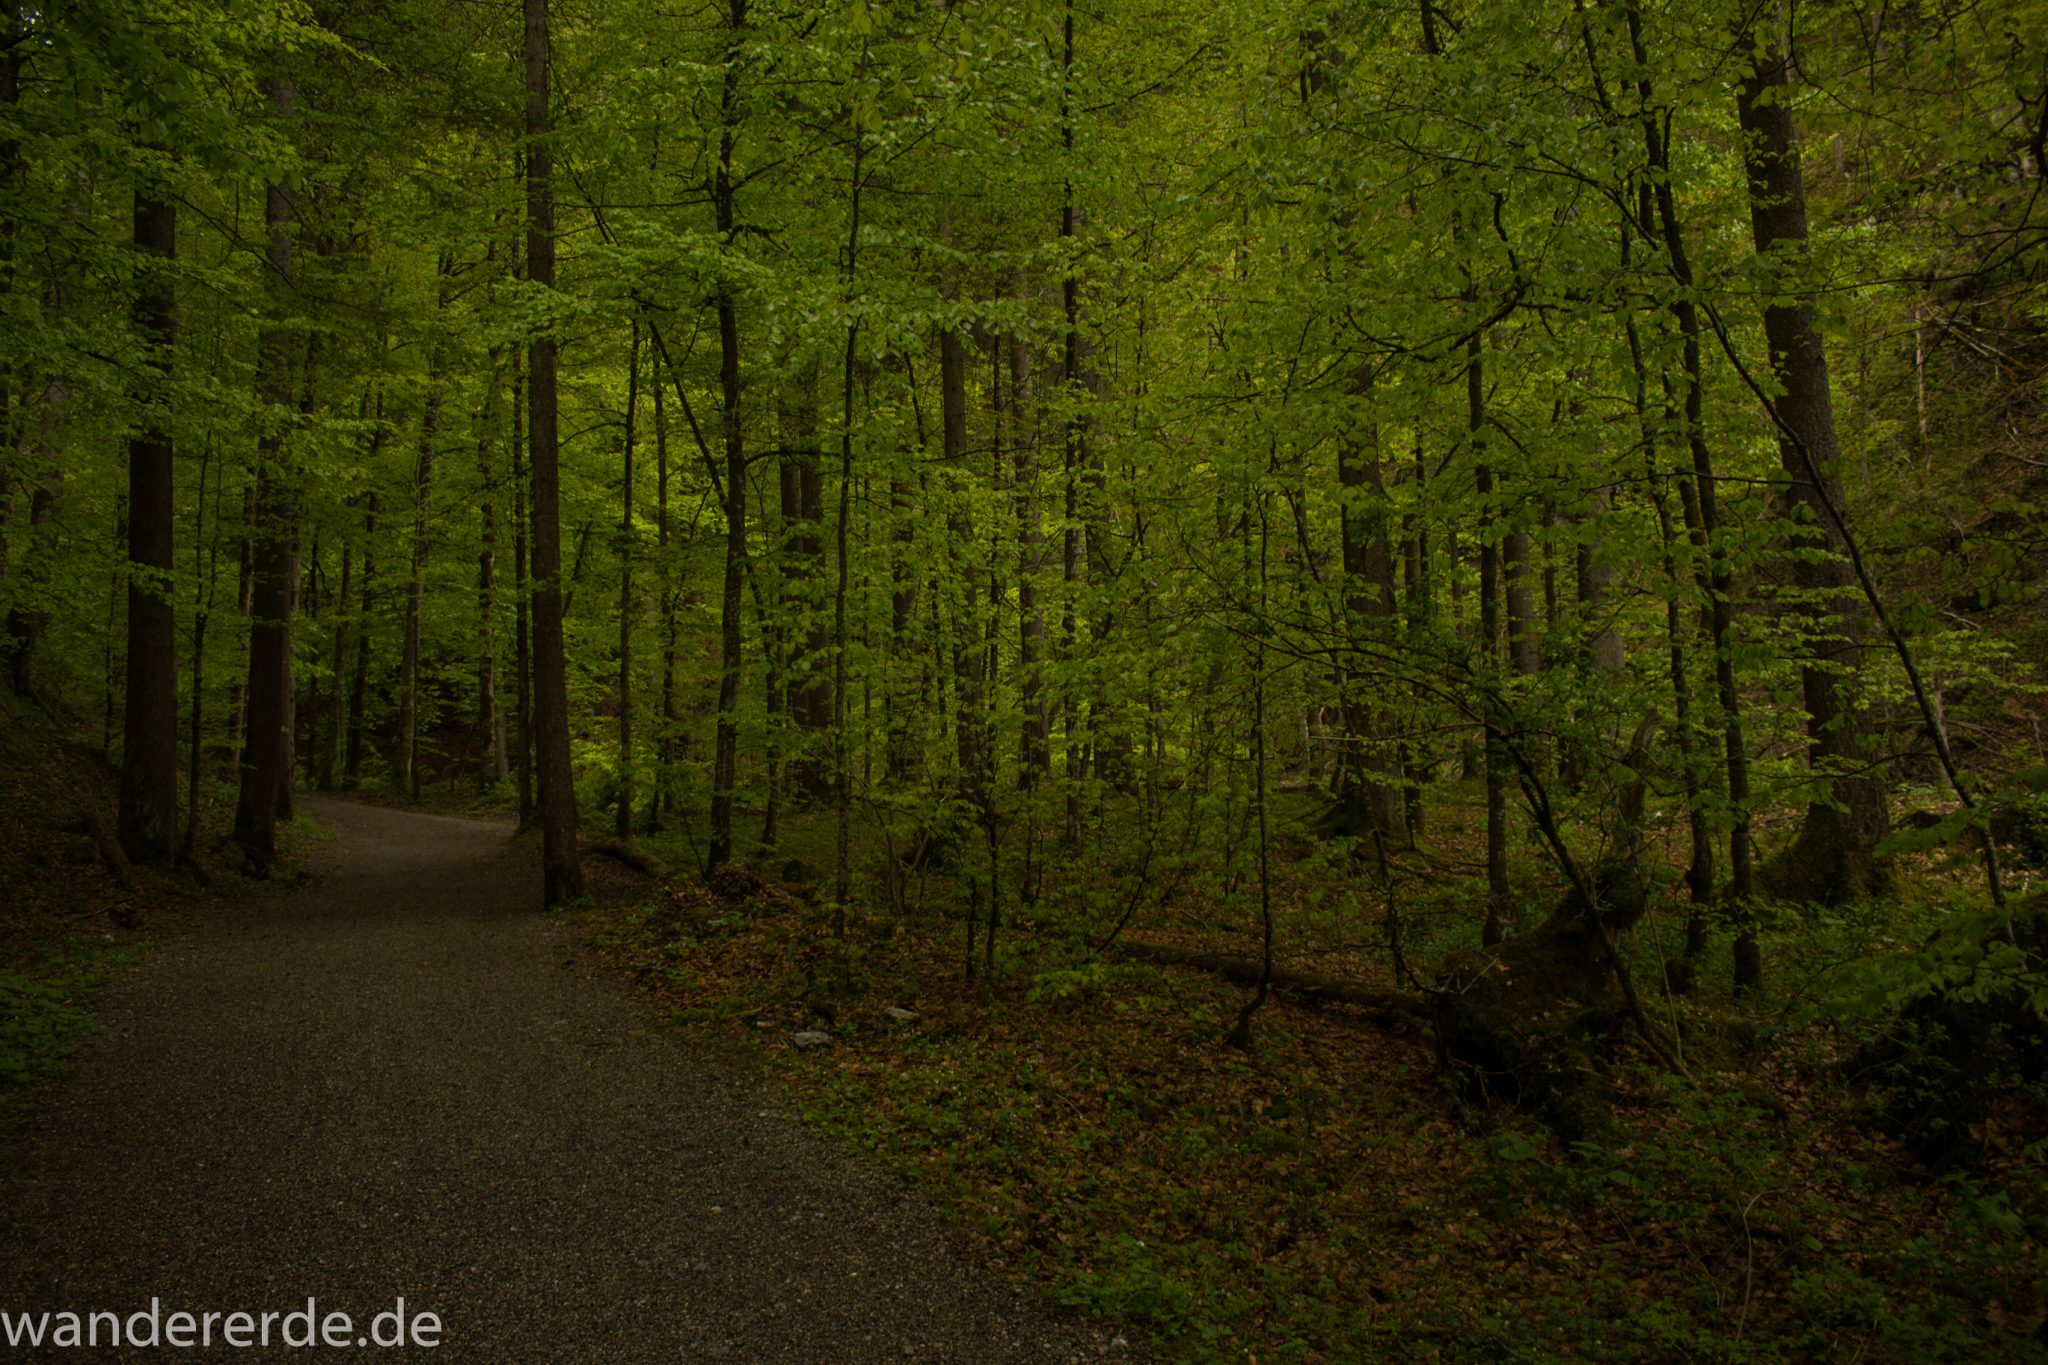 Wanderung im Oytal bei Oberstdorf im Allgäu, Bayern, schöner dichter und grüner Wald führt zum Oytal